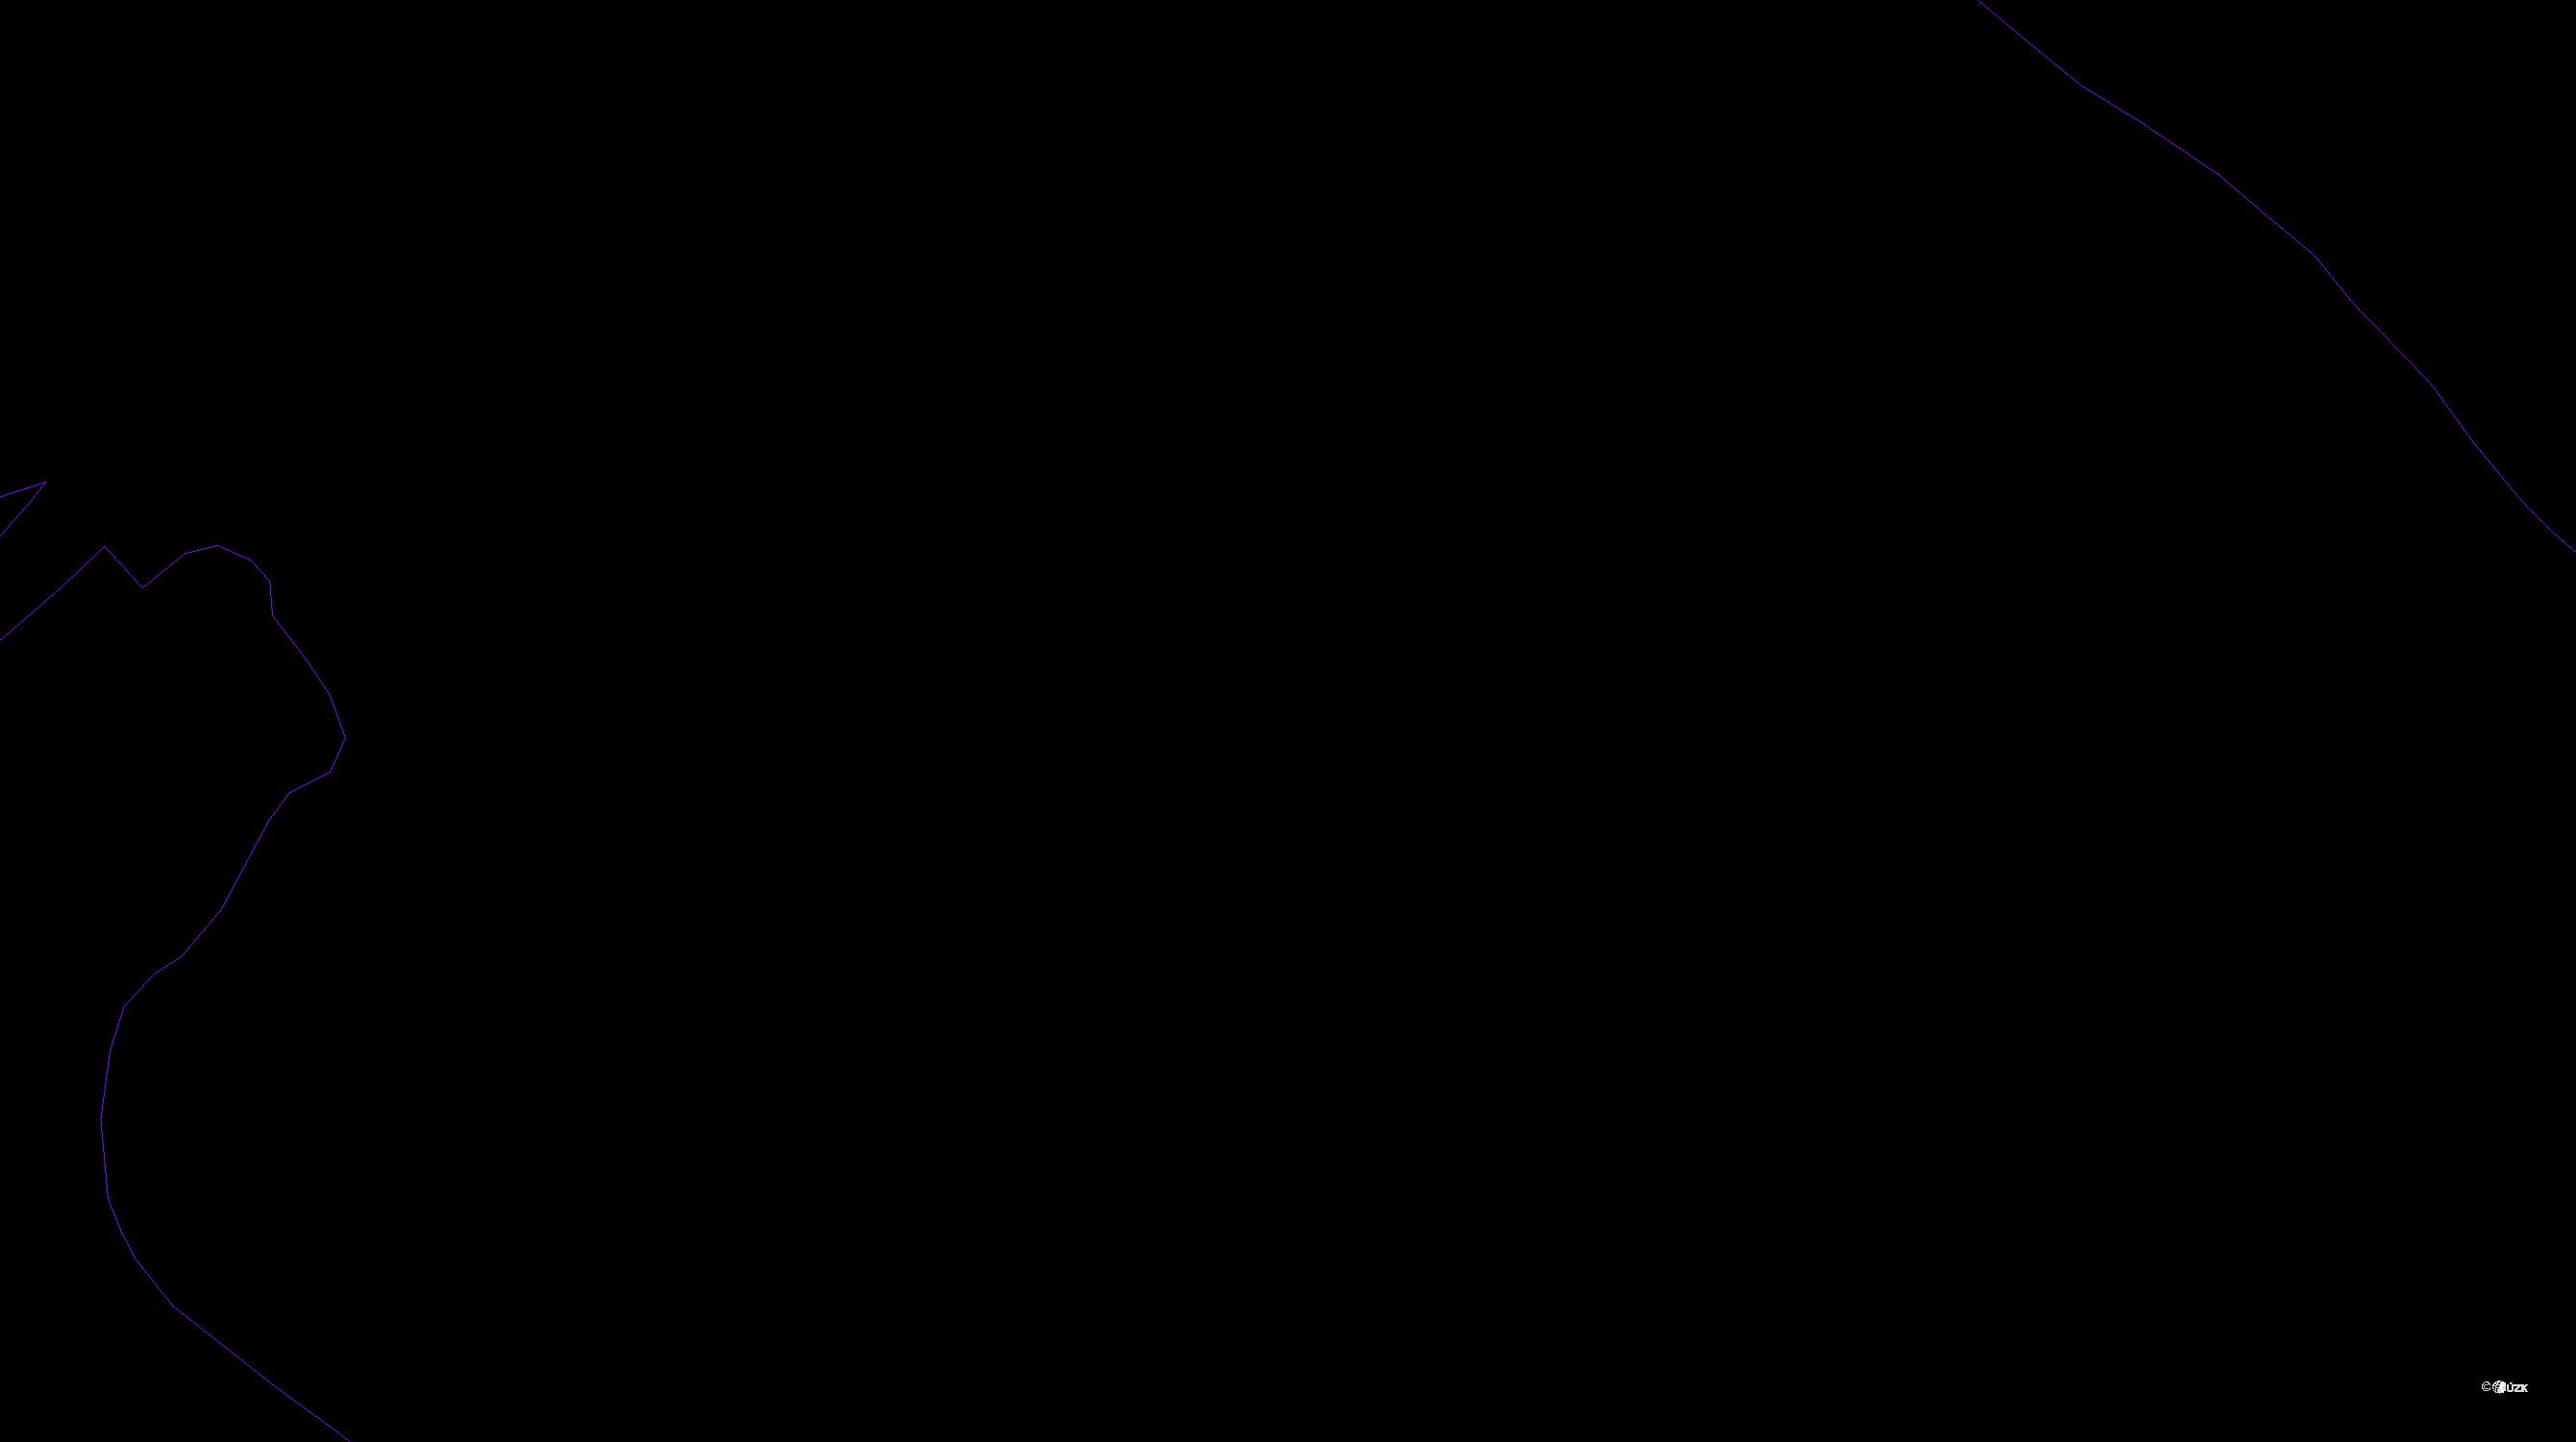 Katastrální mapa pozemků a čísla parcel Kruh v Podbezdězí